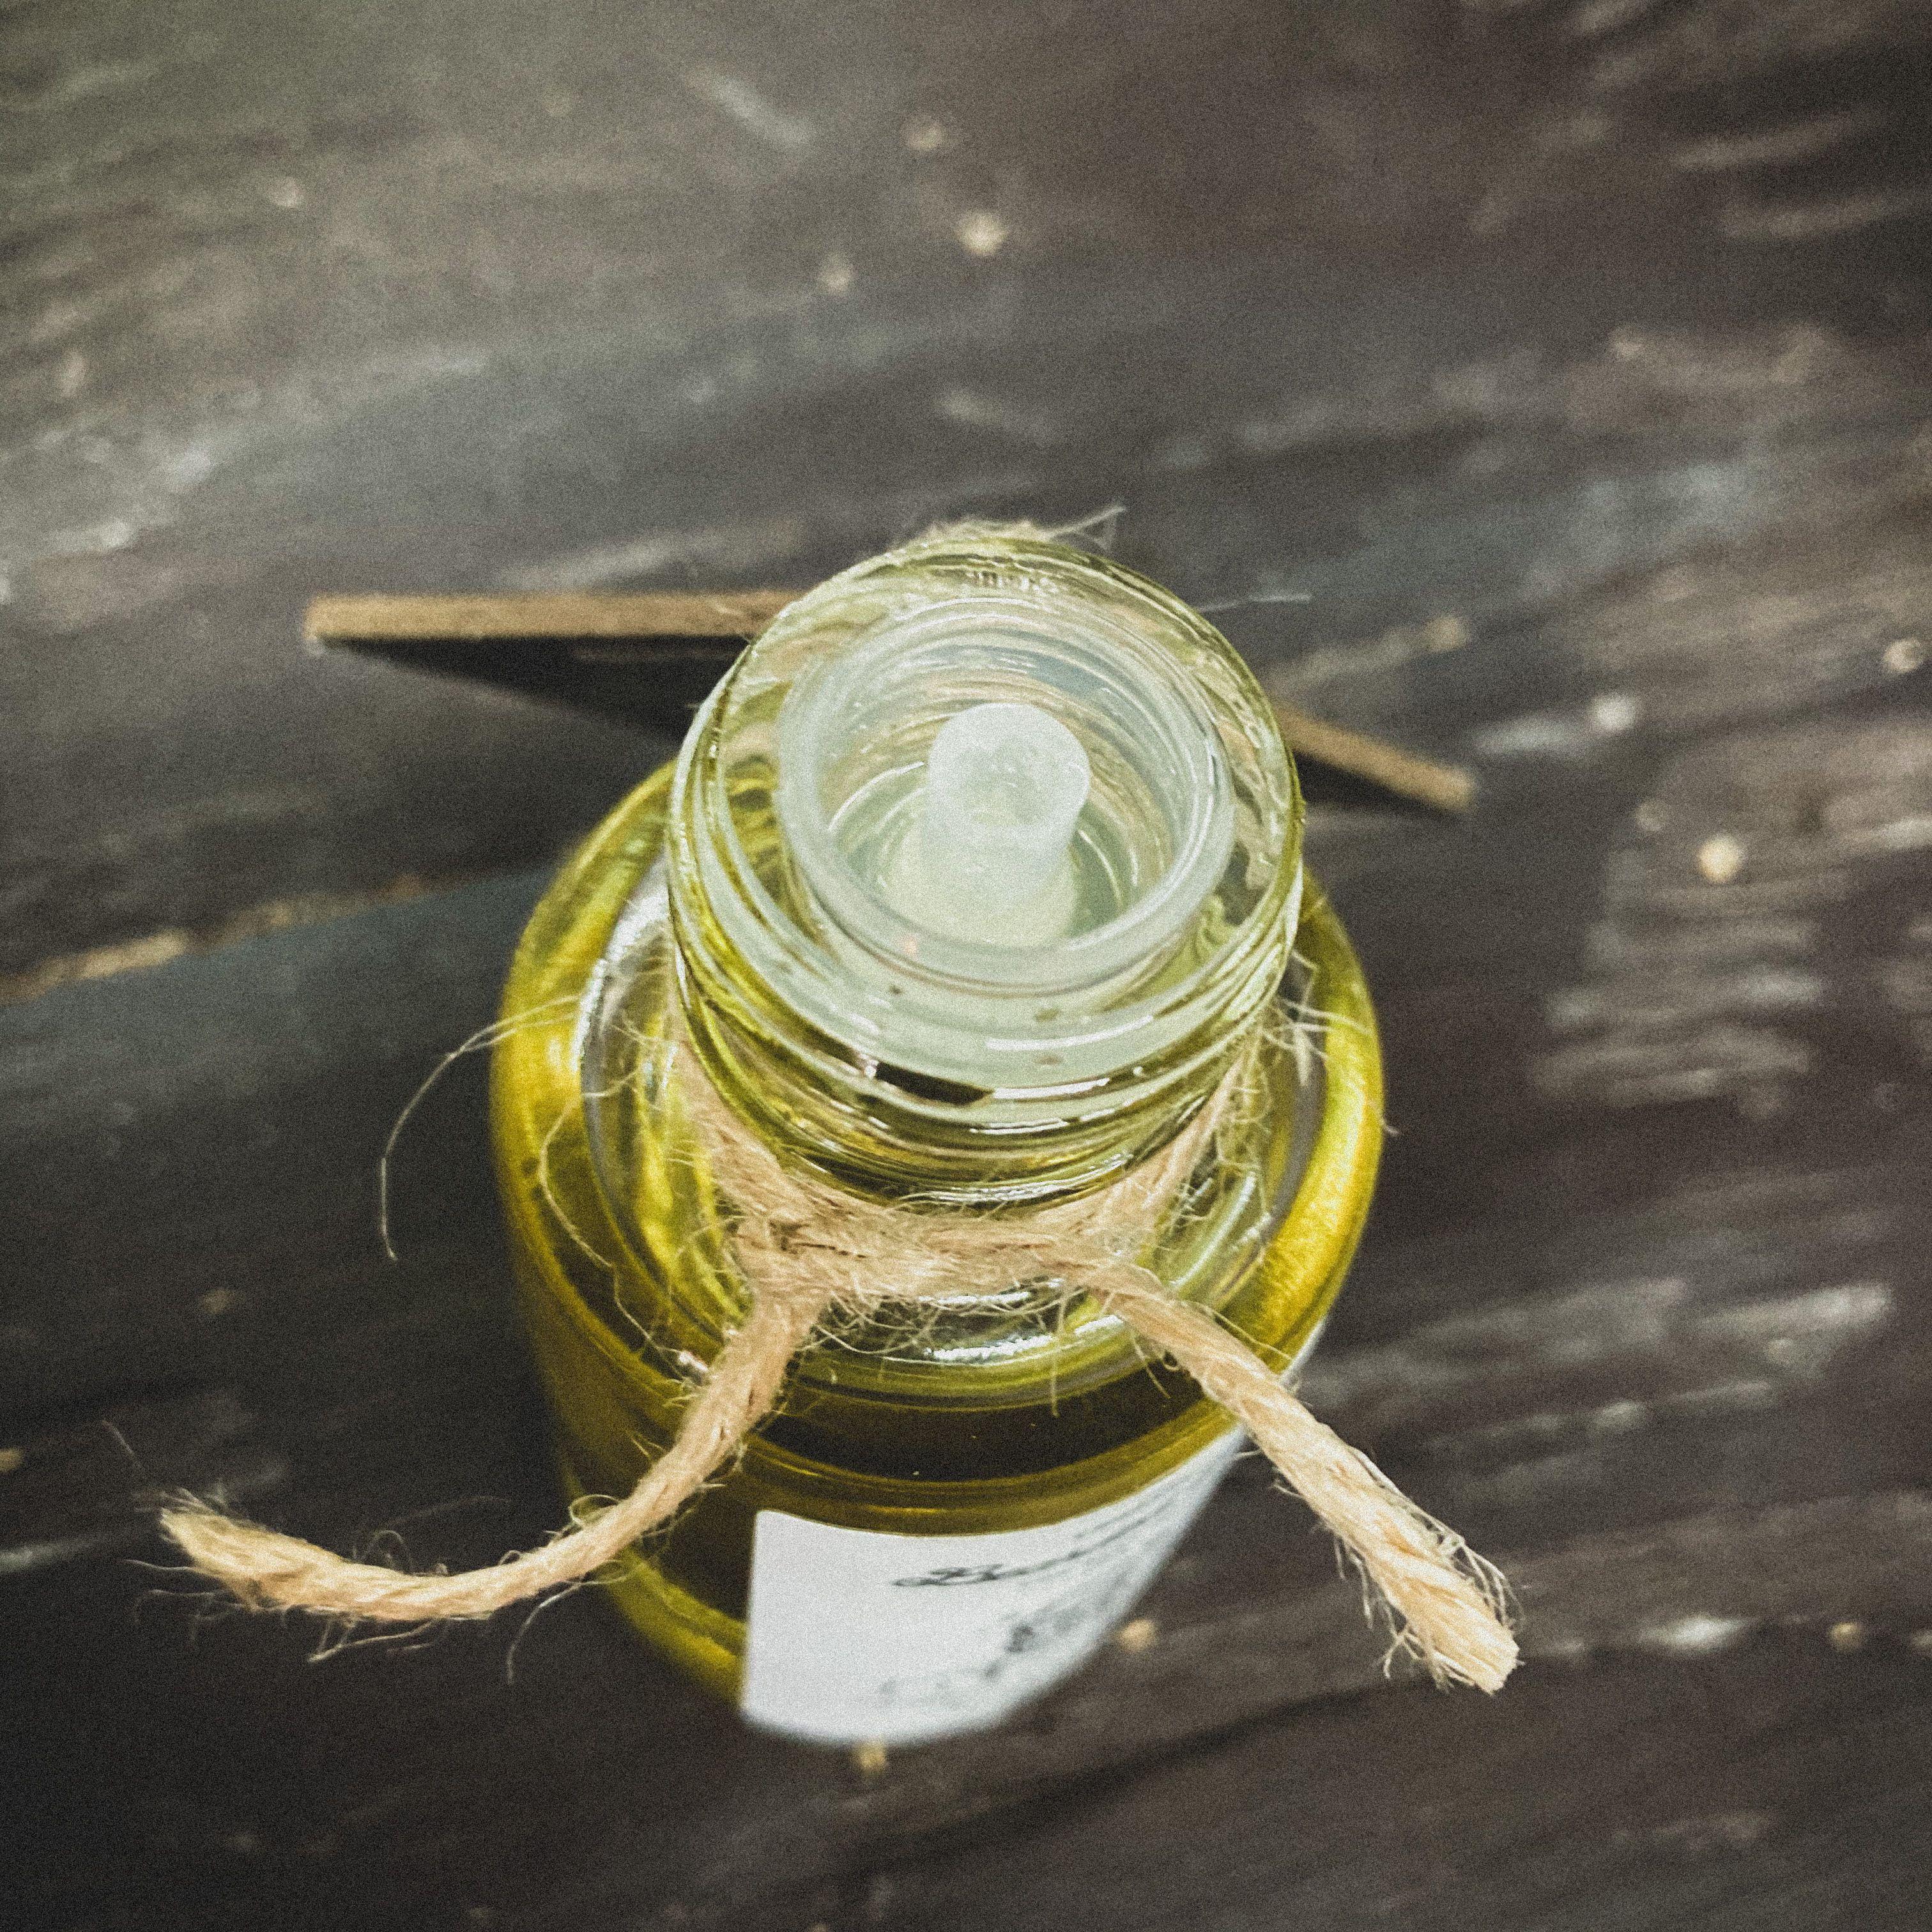 Testovali sme oleje na brady. Vyrovnajú sa produkty domácich výrobcov aj ostrieľanej zahraničnej konkurencii?